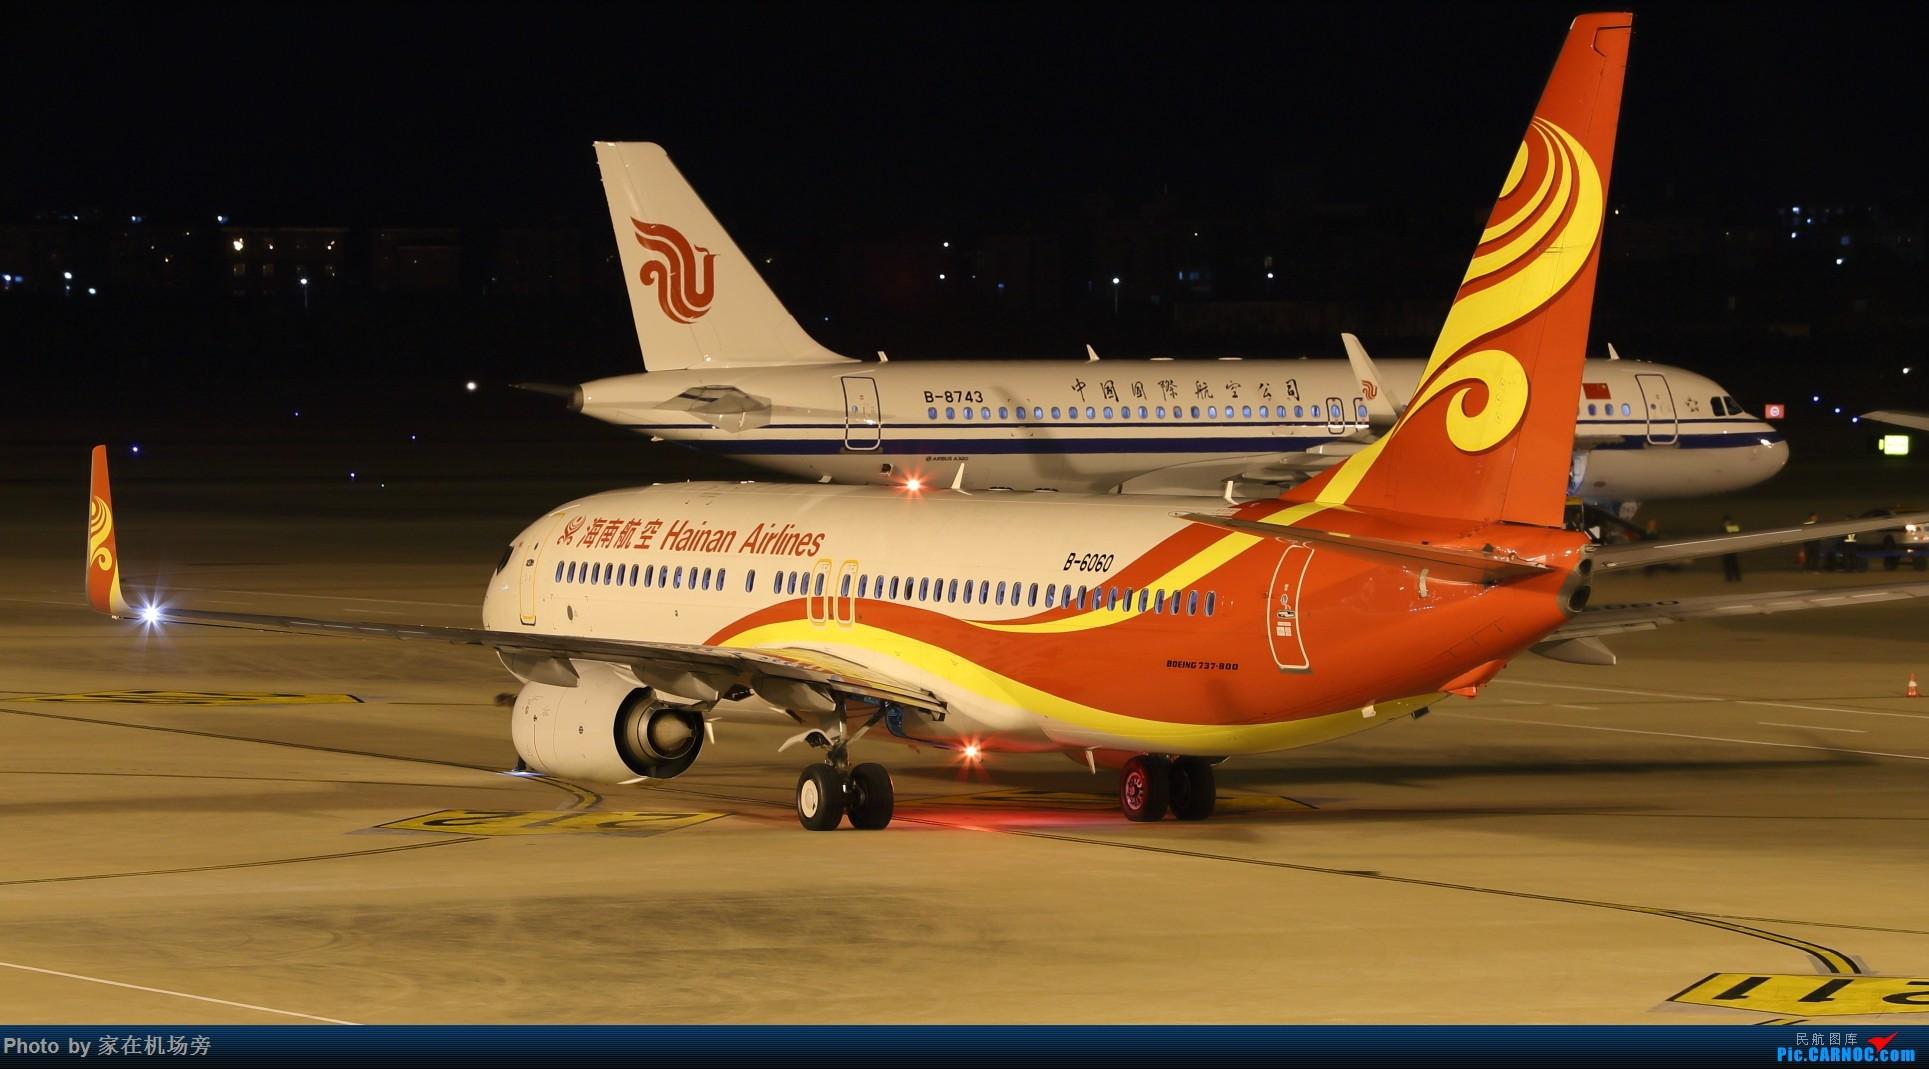 [原创]杭州机场夜景几张 737-800